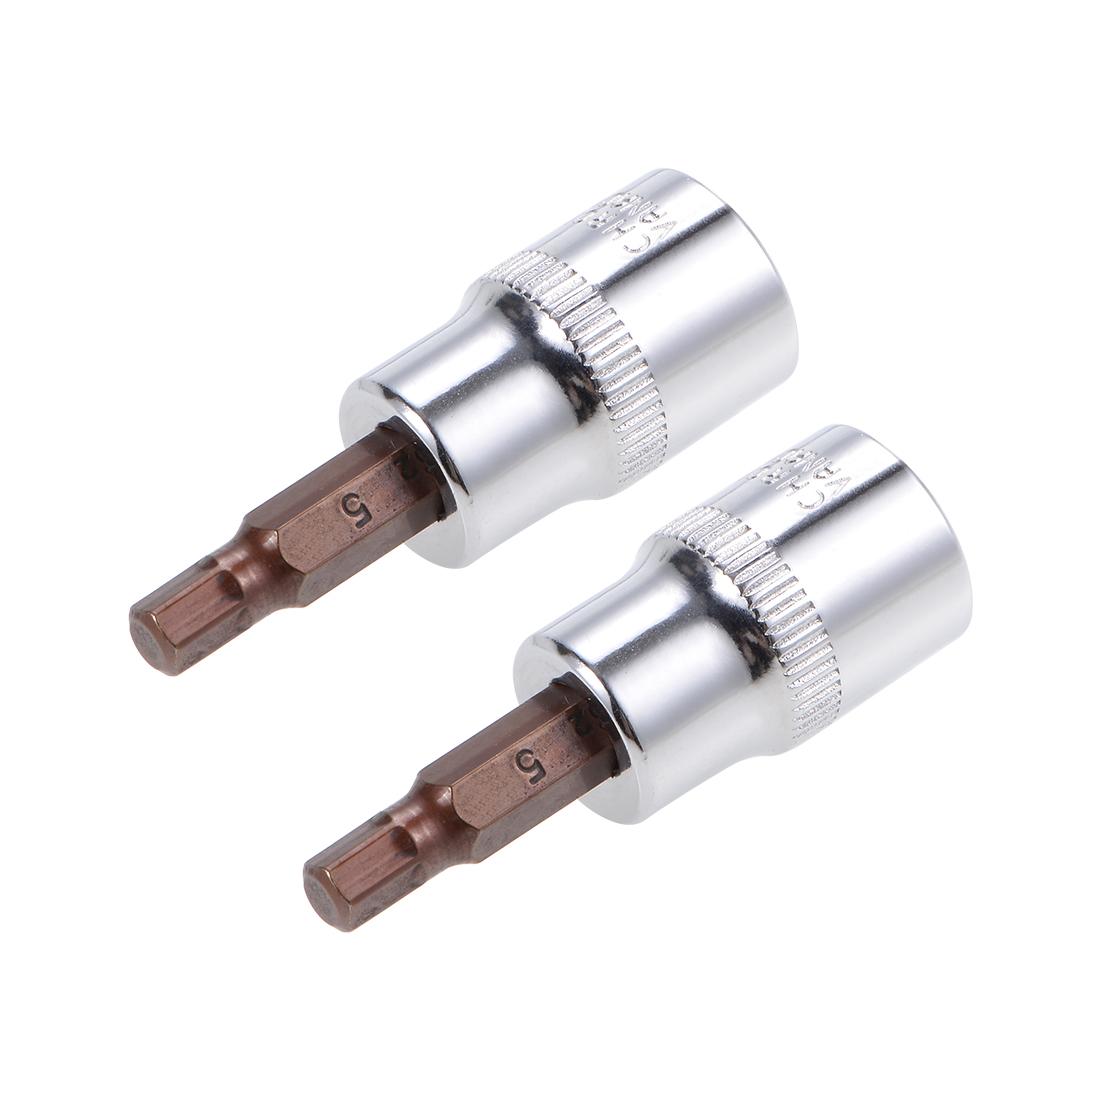 """2 Pcs 3/8"""" Drive x 5mm Hex Bit Socket, Standard Metric, S2 & Cr-V Steel"""